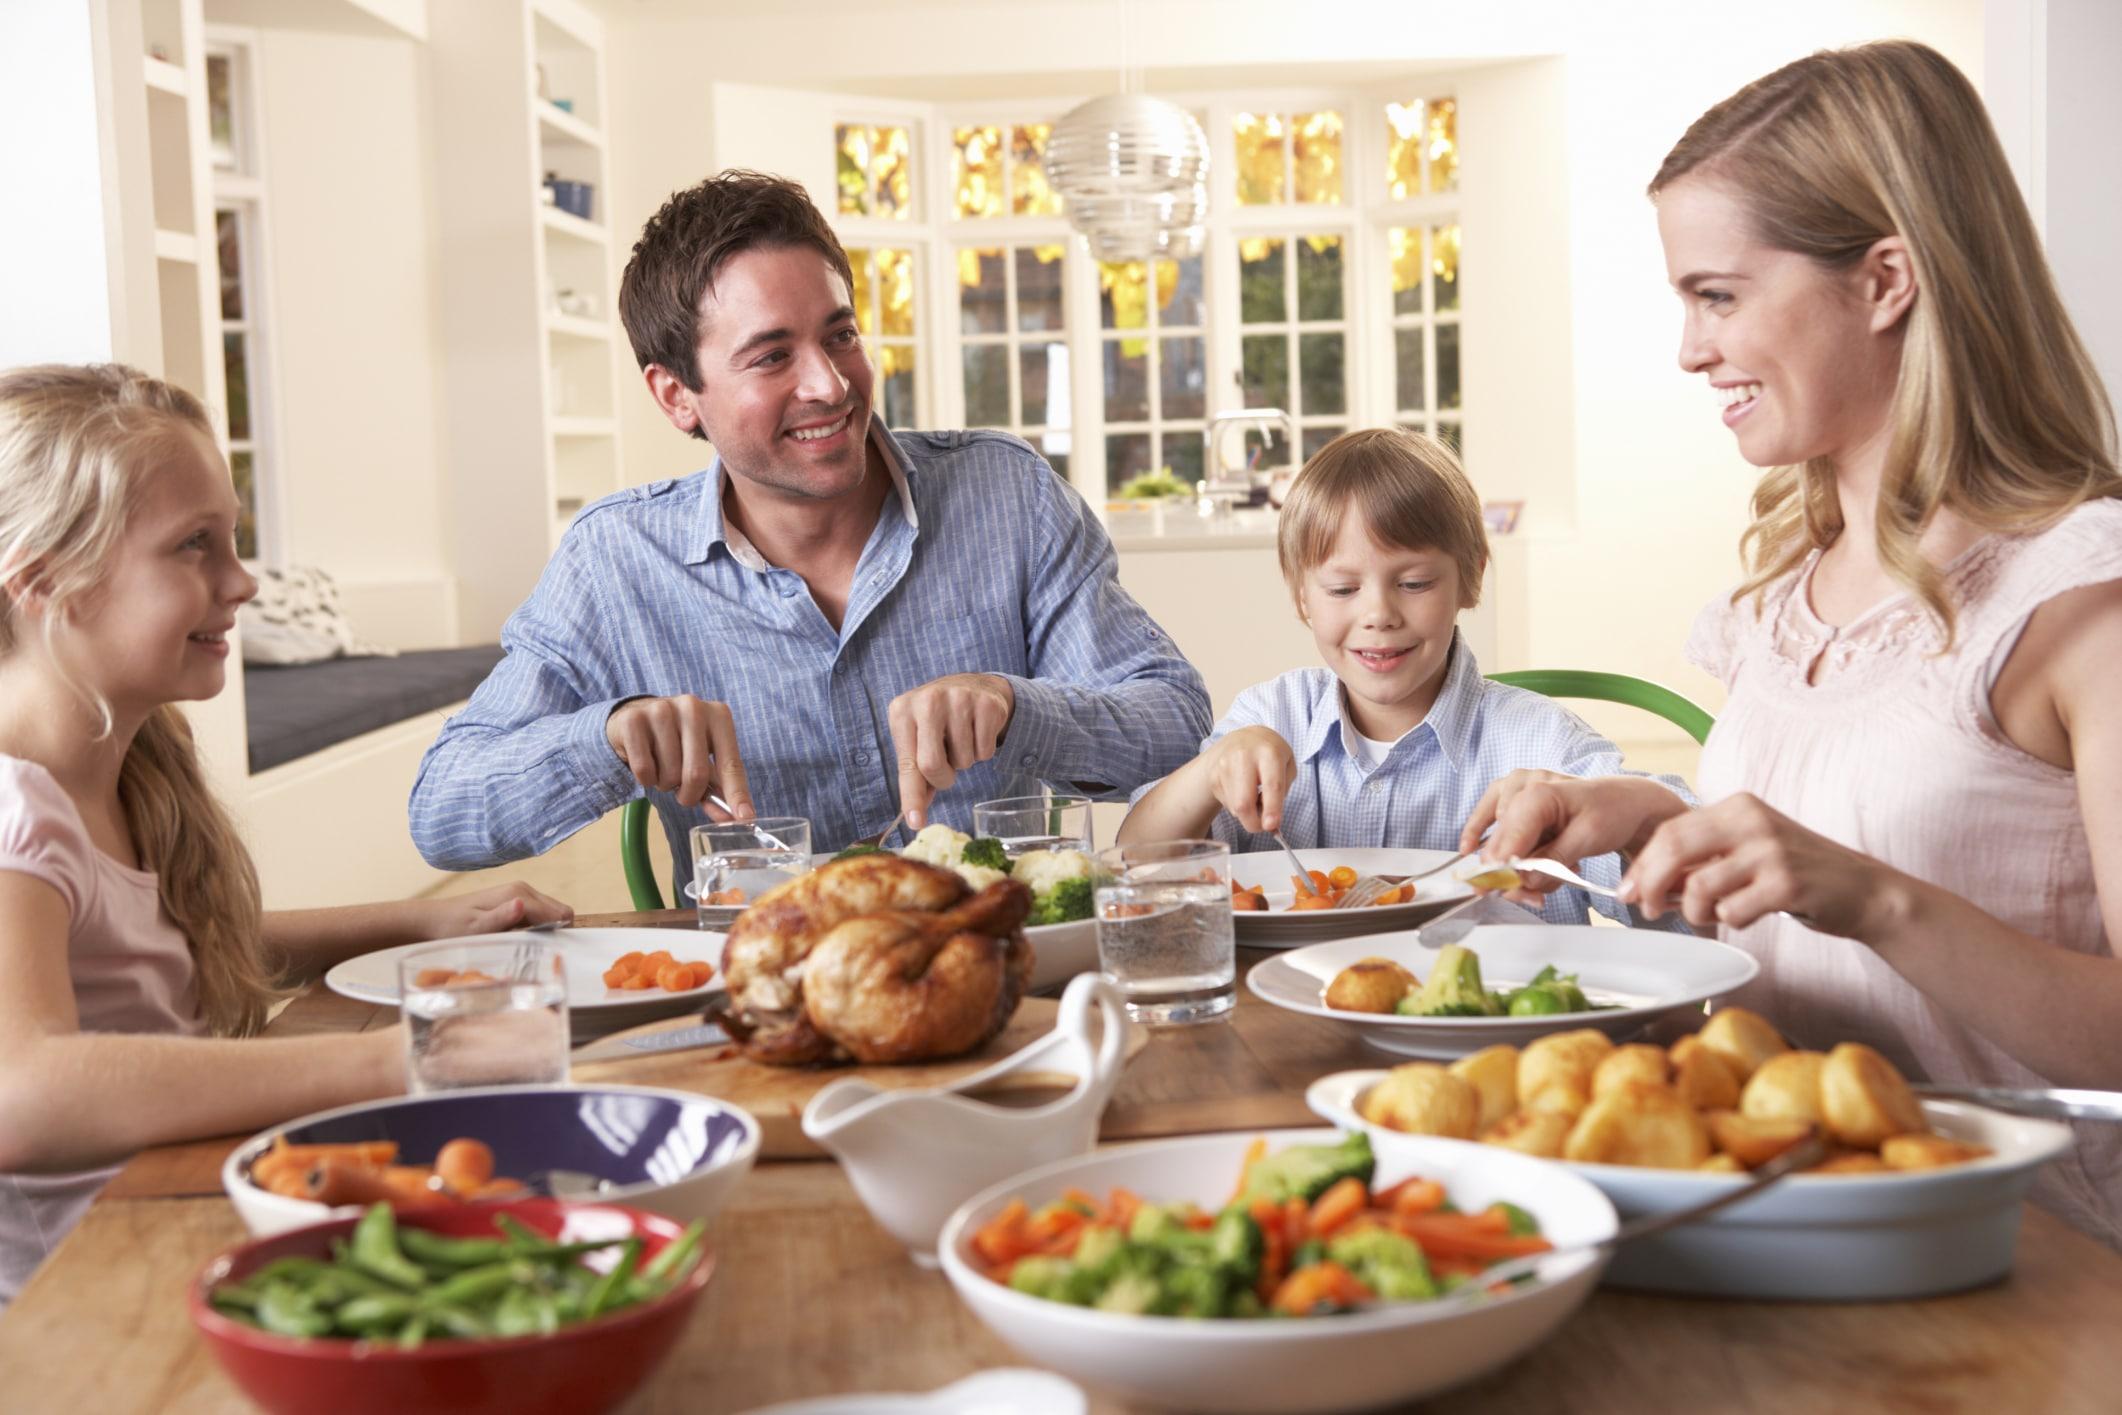 Picture of family having dinner